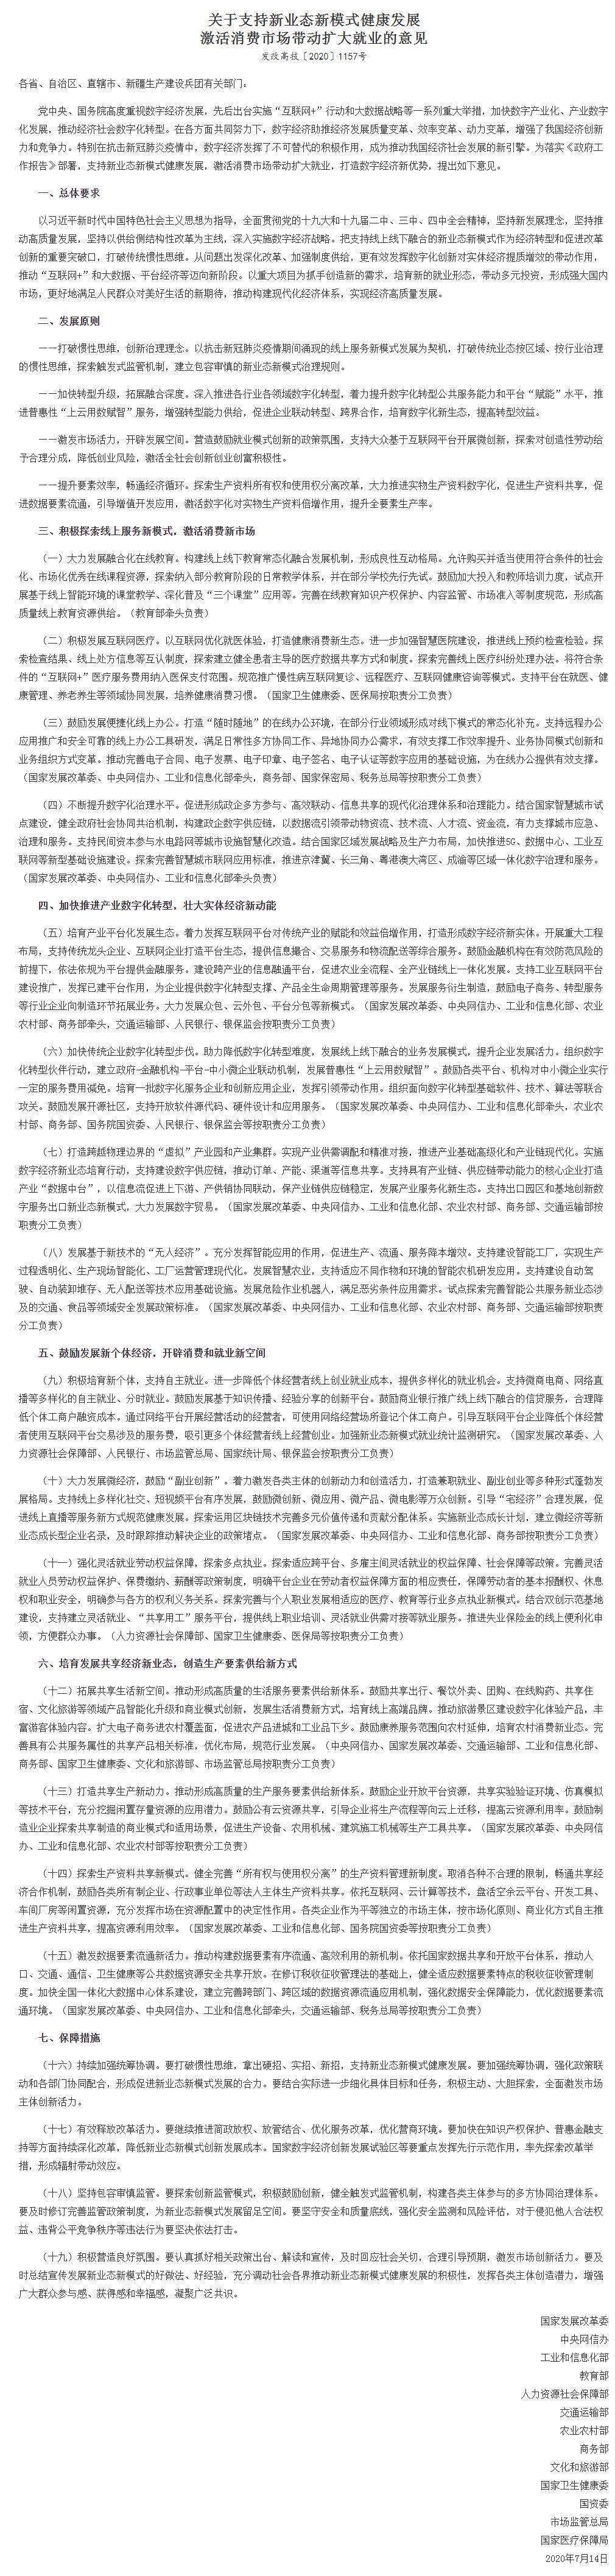 商务部、中央网信办等13部门联合发文: 加快推进产业数字化转型